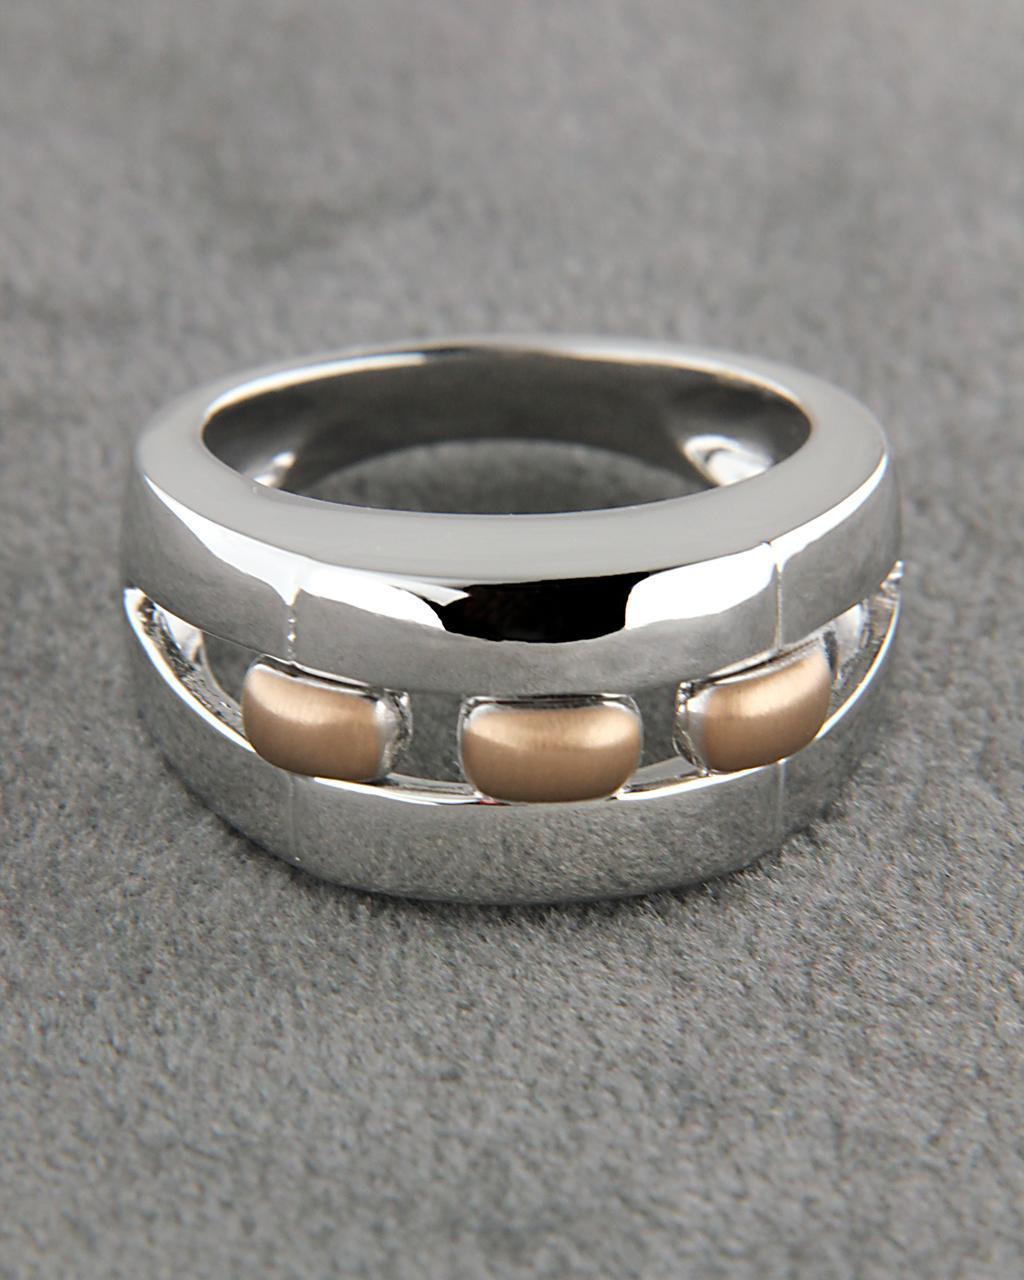 Δαχτυλίδι ροζ και λευκόχρυσο Κ18   κοσμηματα δαχτυλίδια λευκόχρυσα δαχτυλίδια